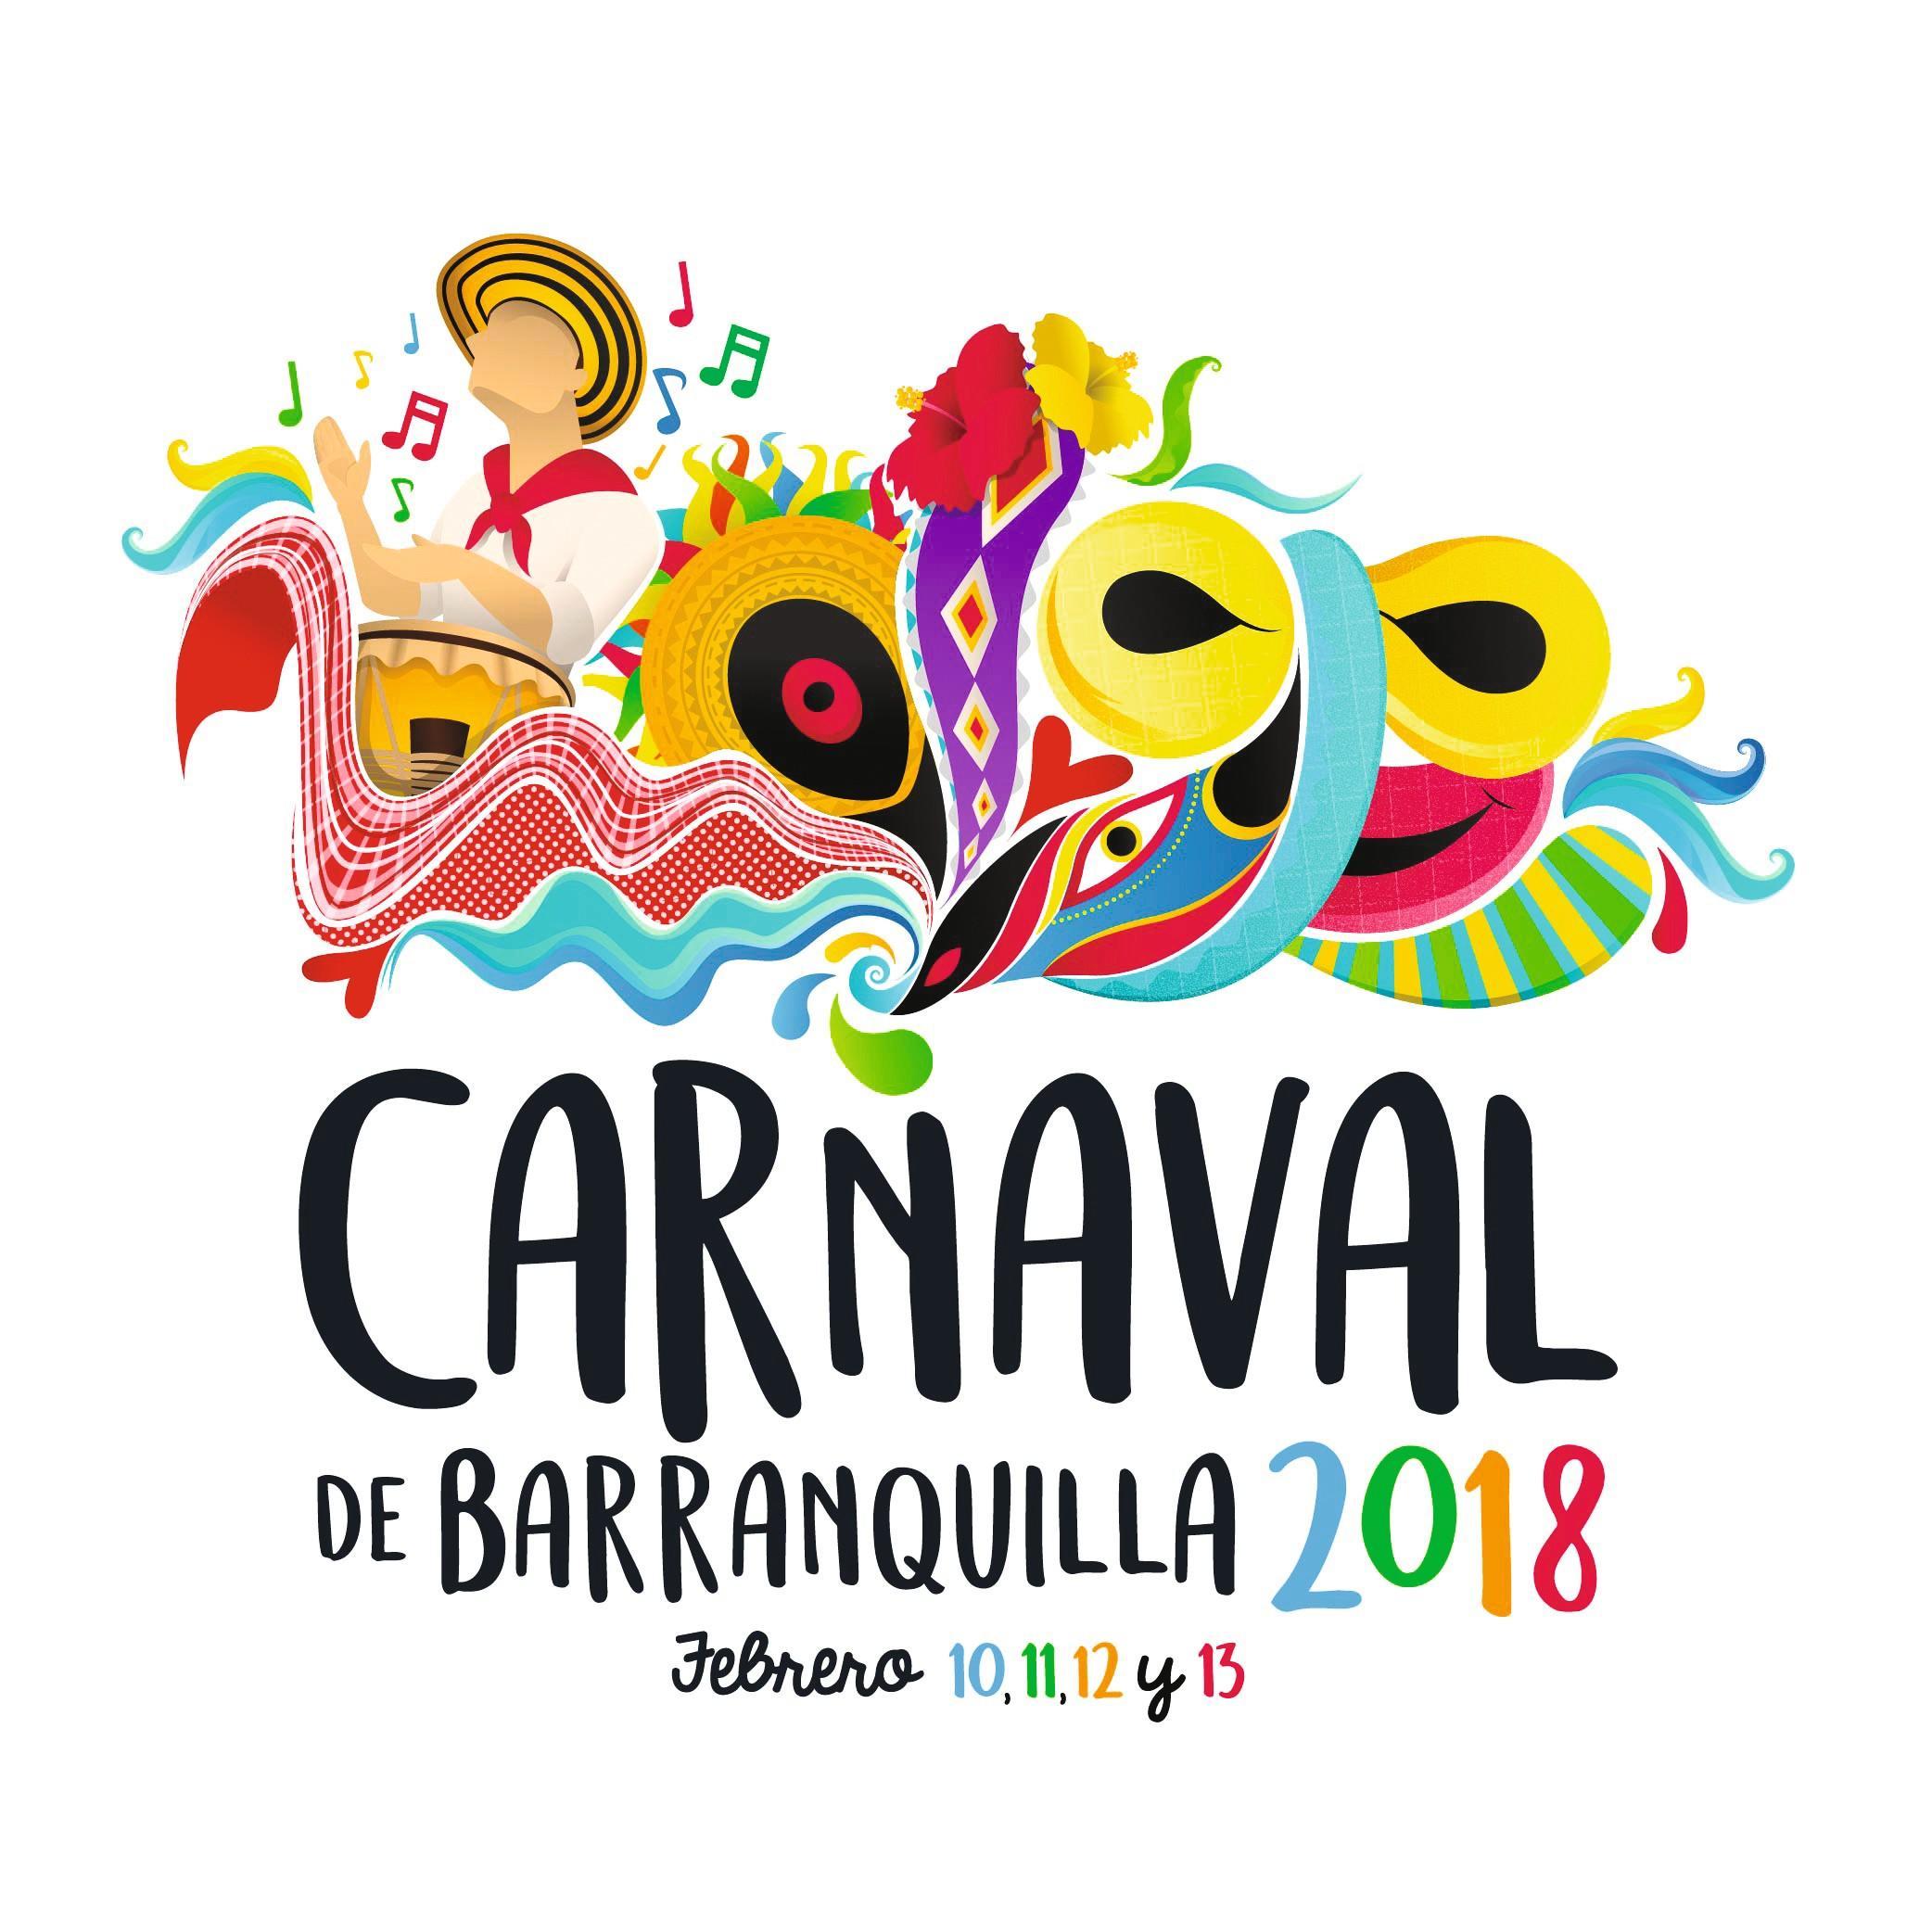 Publicidad para el carnaval de Barranquilla, 2018.